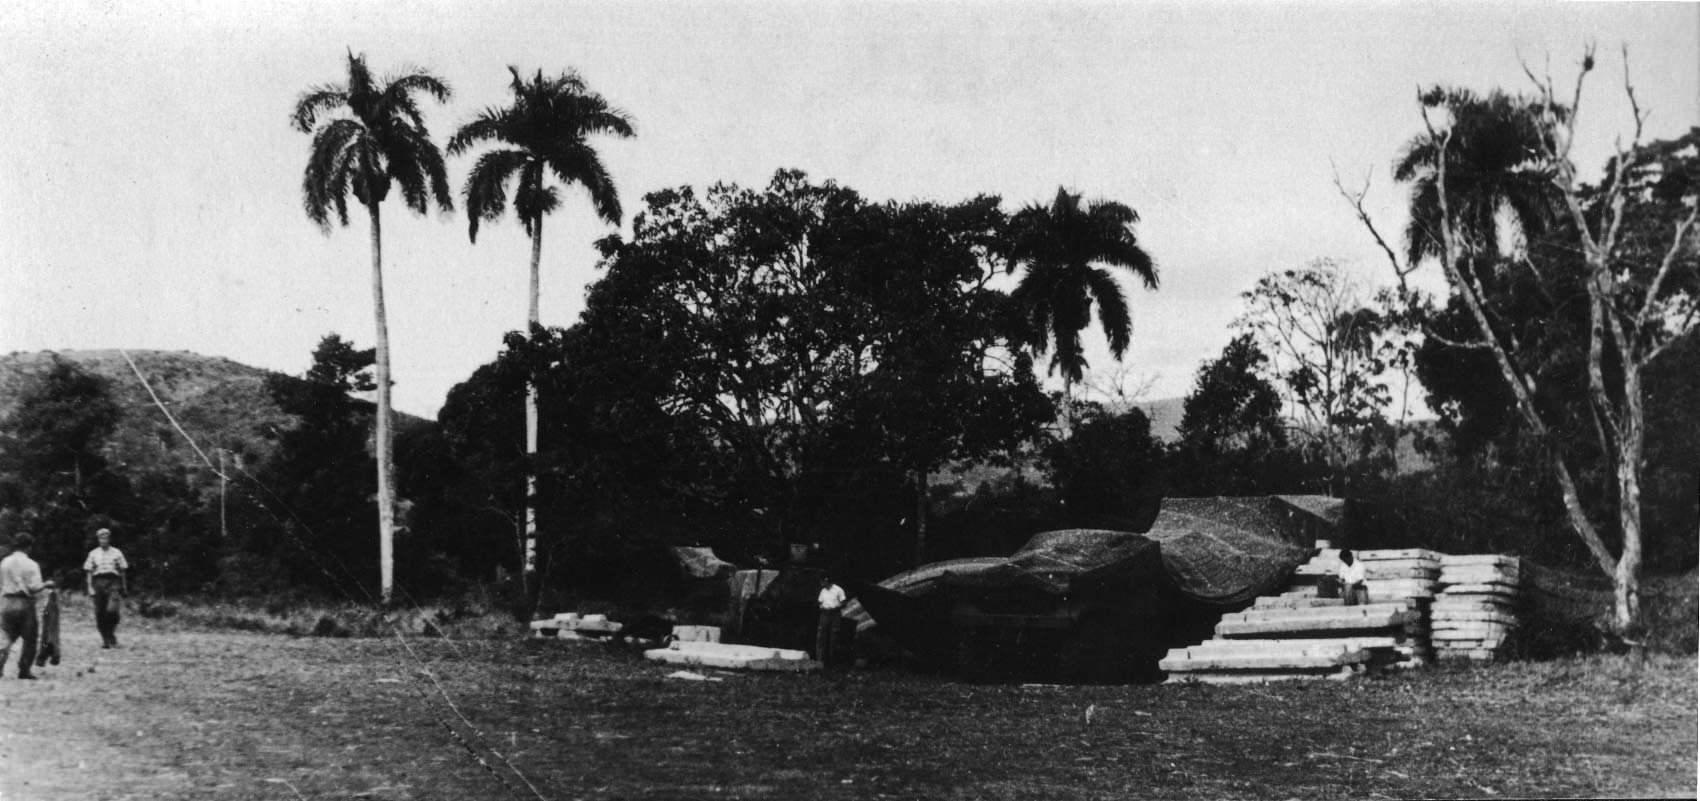 14. Стартовая установка на технической позиции под масксетью.